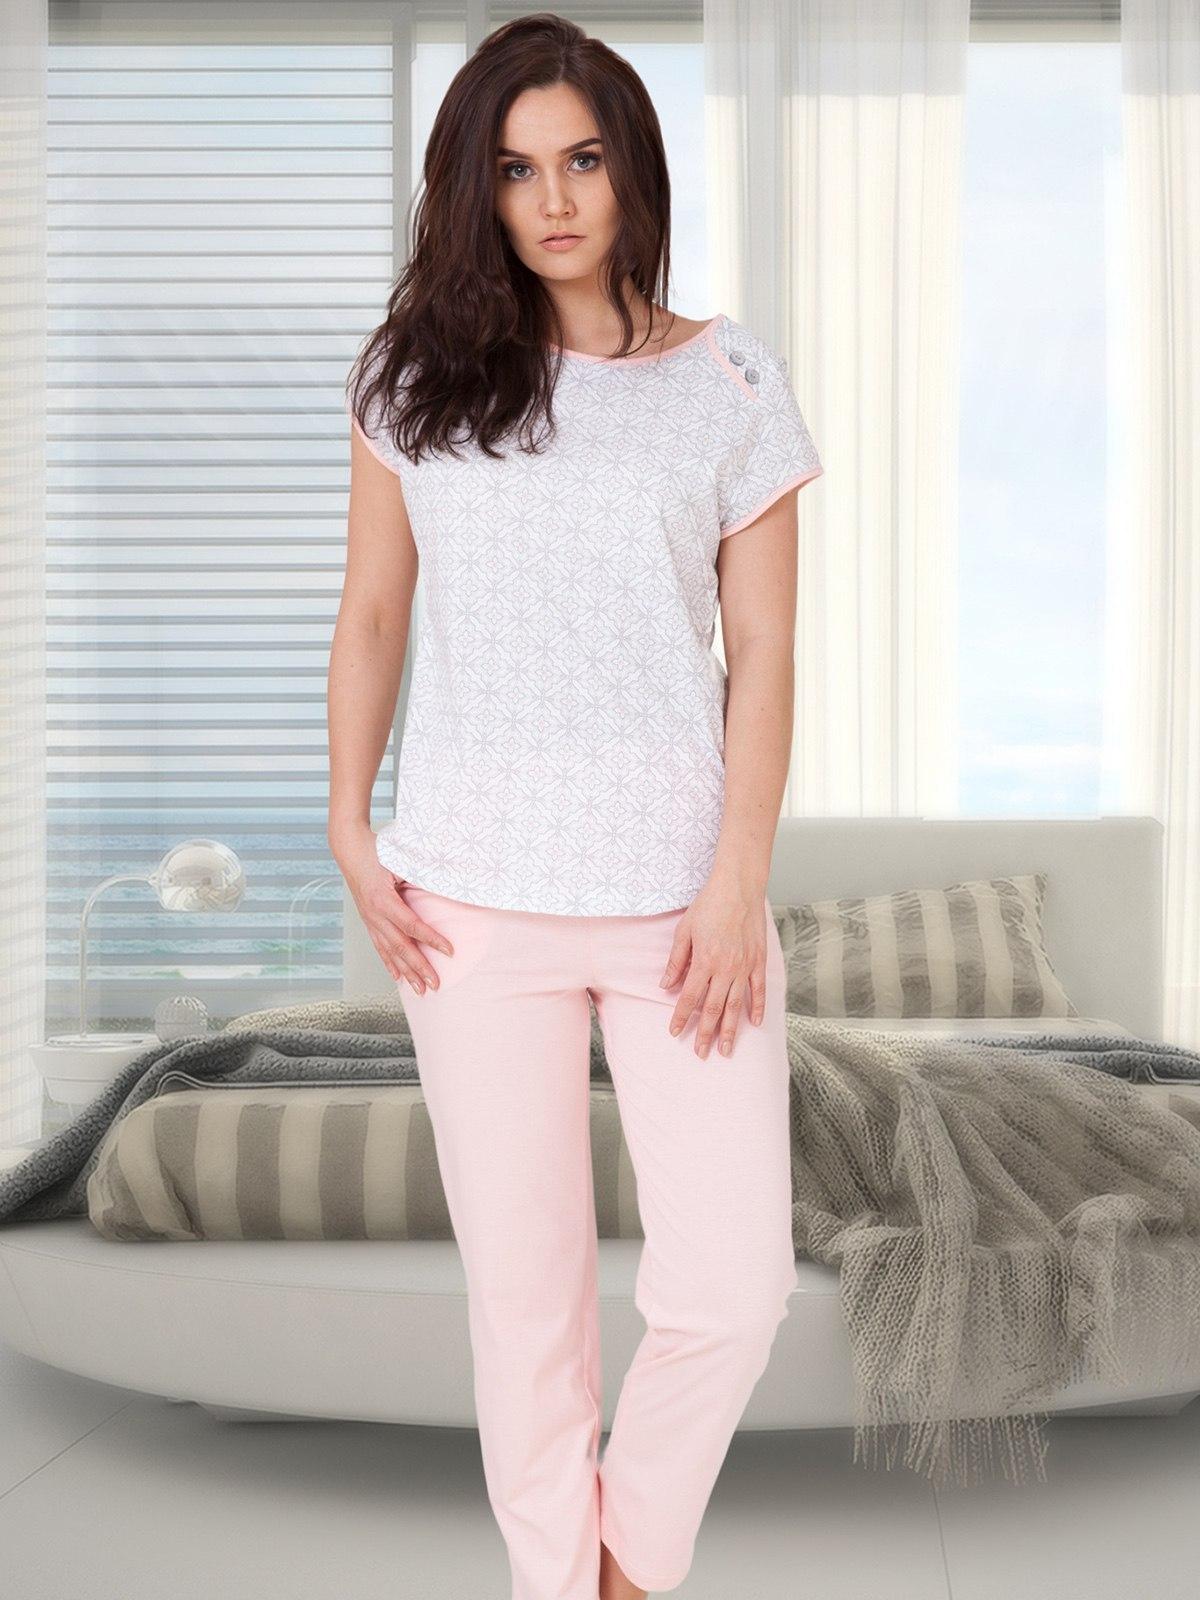 cfa3587c49d3ed Elegancka piżama damska DIANA 619 M-max różowa